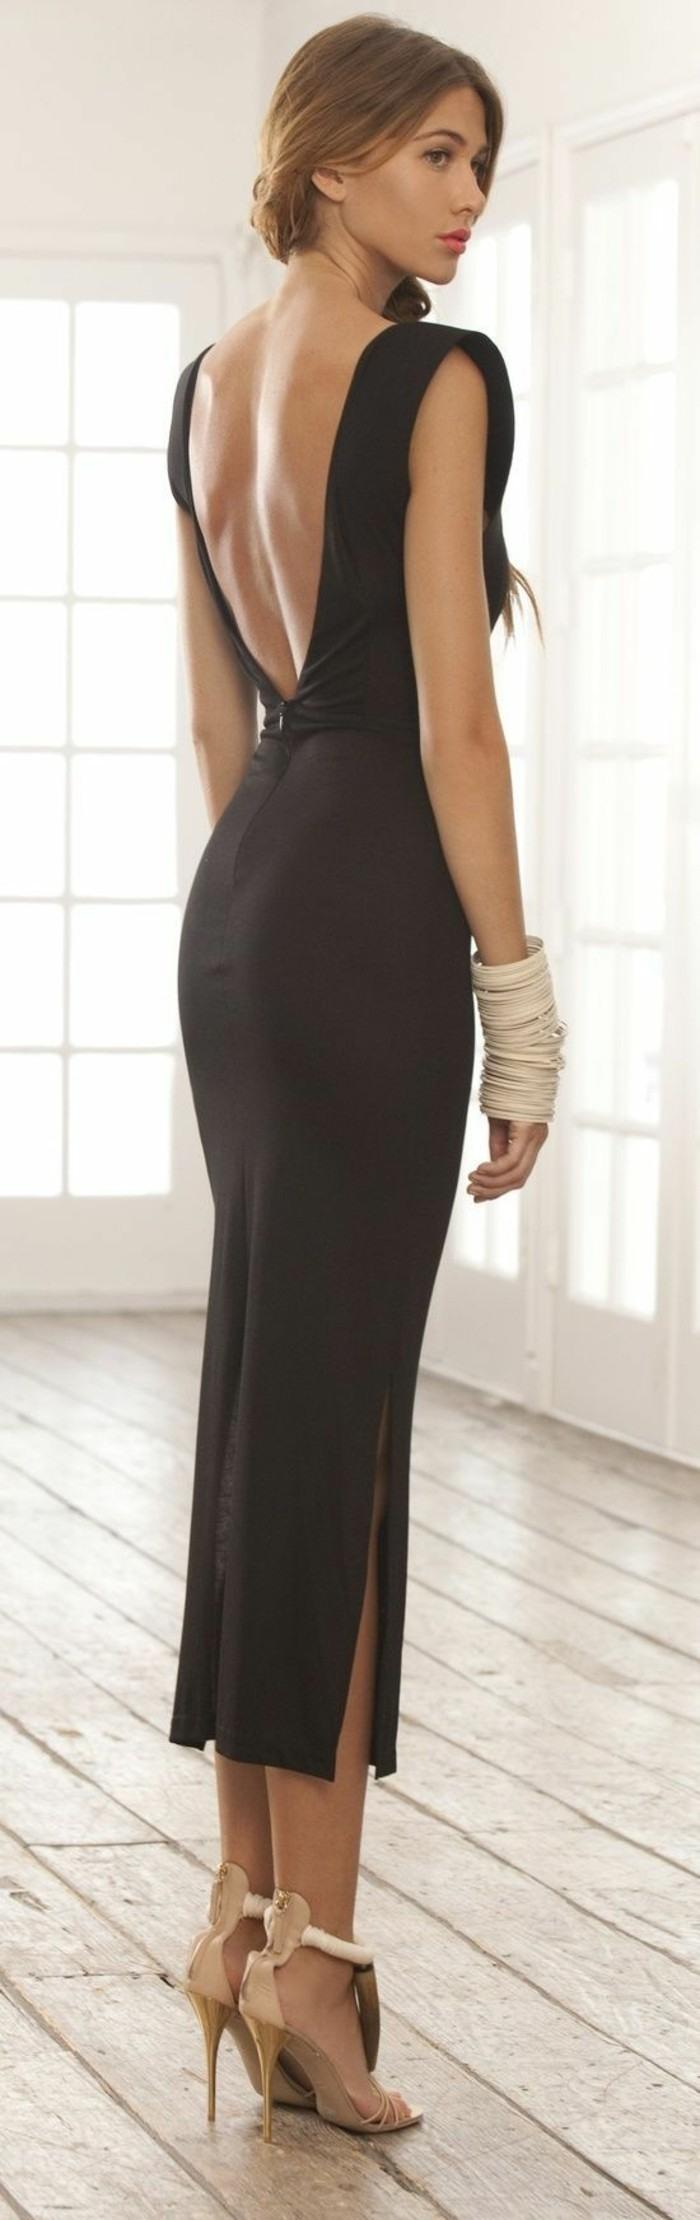 13 Leicht Abendkleid Rückenfrei GalerieAbend Erstaunlich Abendkleid Rückenfrei Design